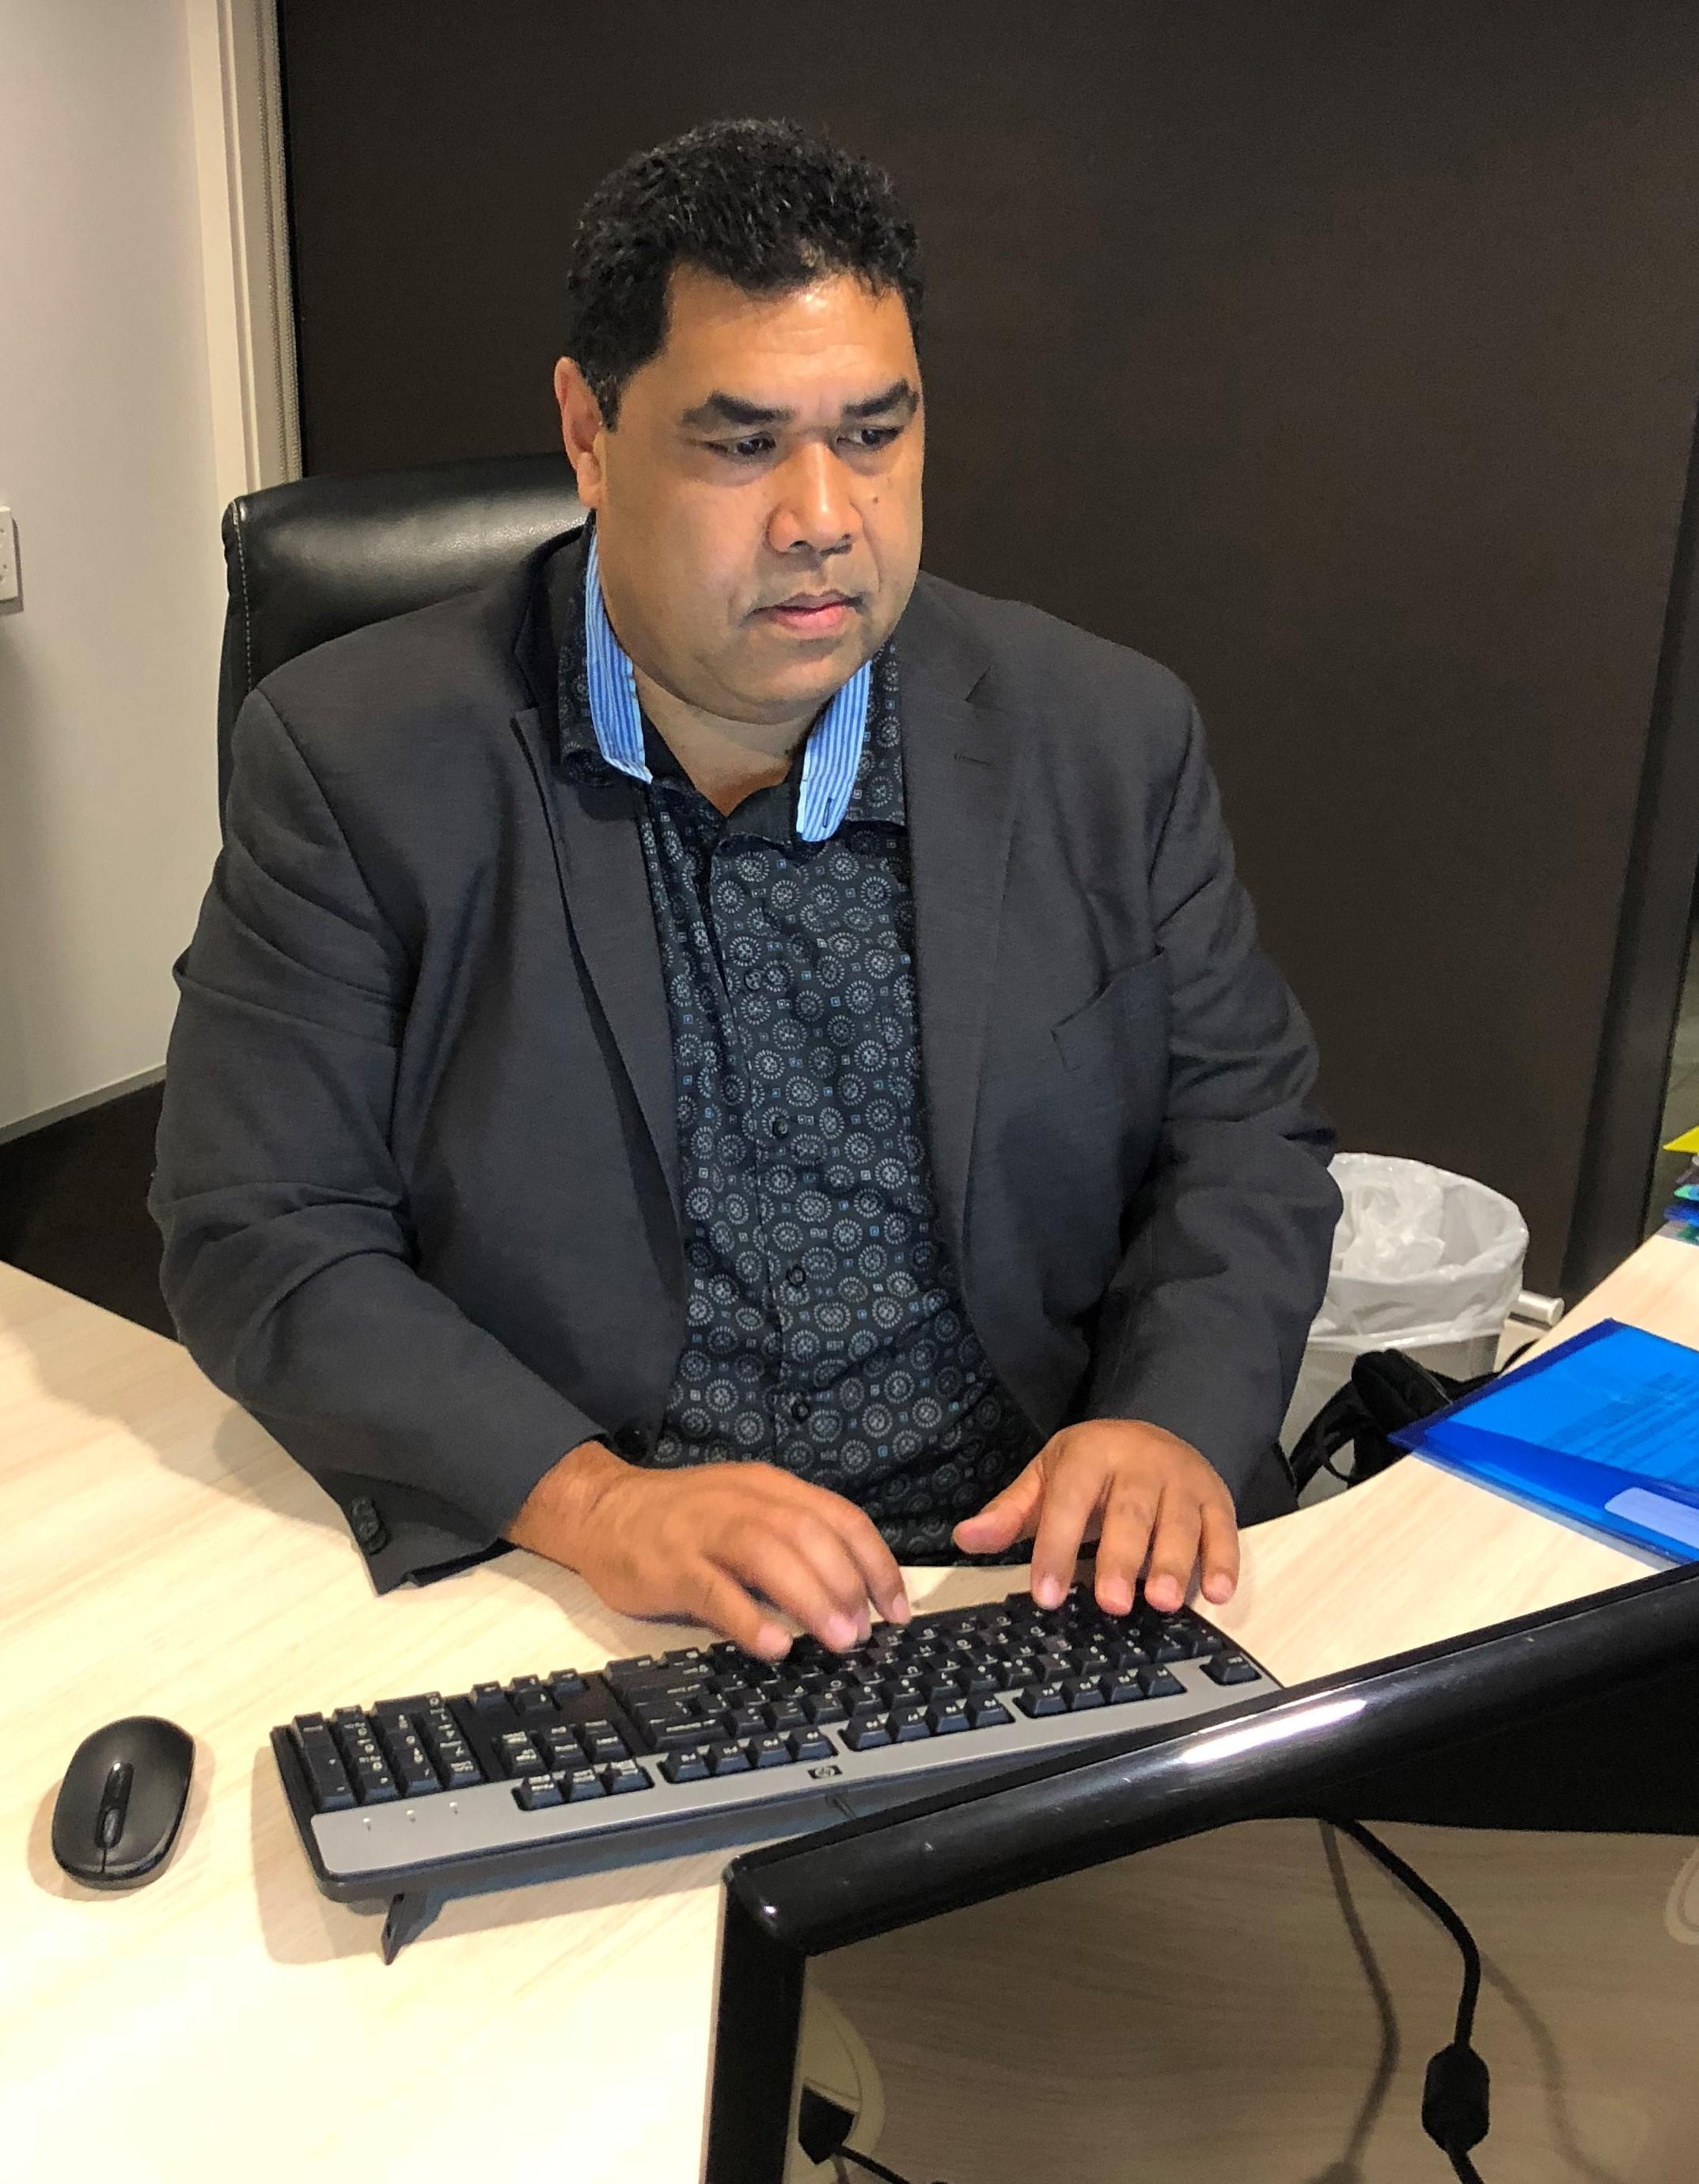 Tio at desk reporting article (2).jpg